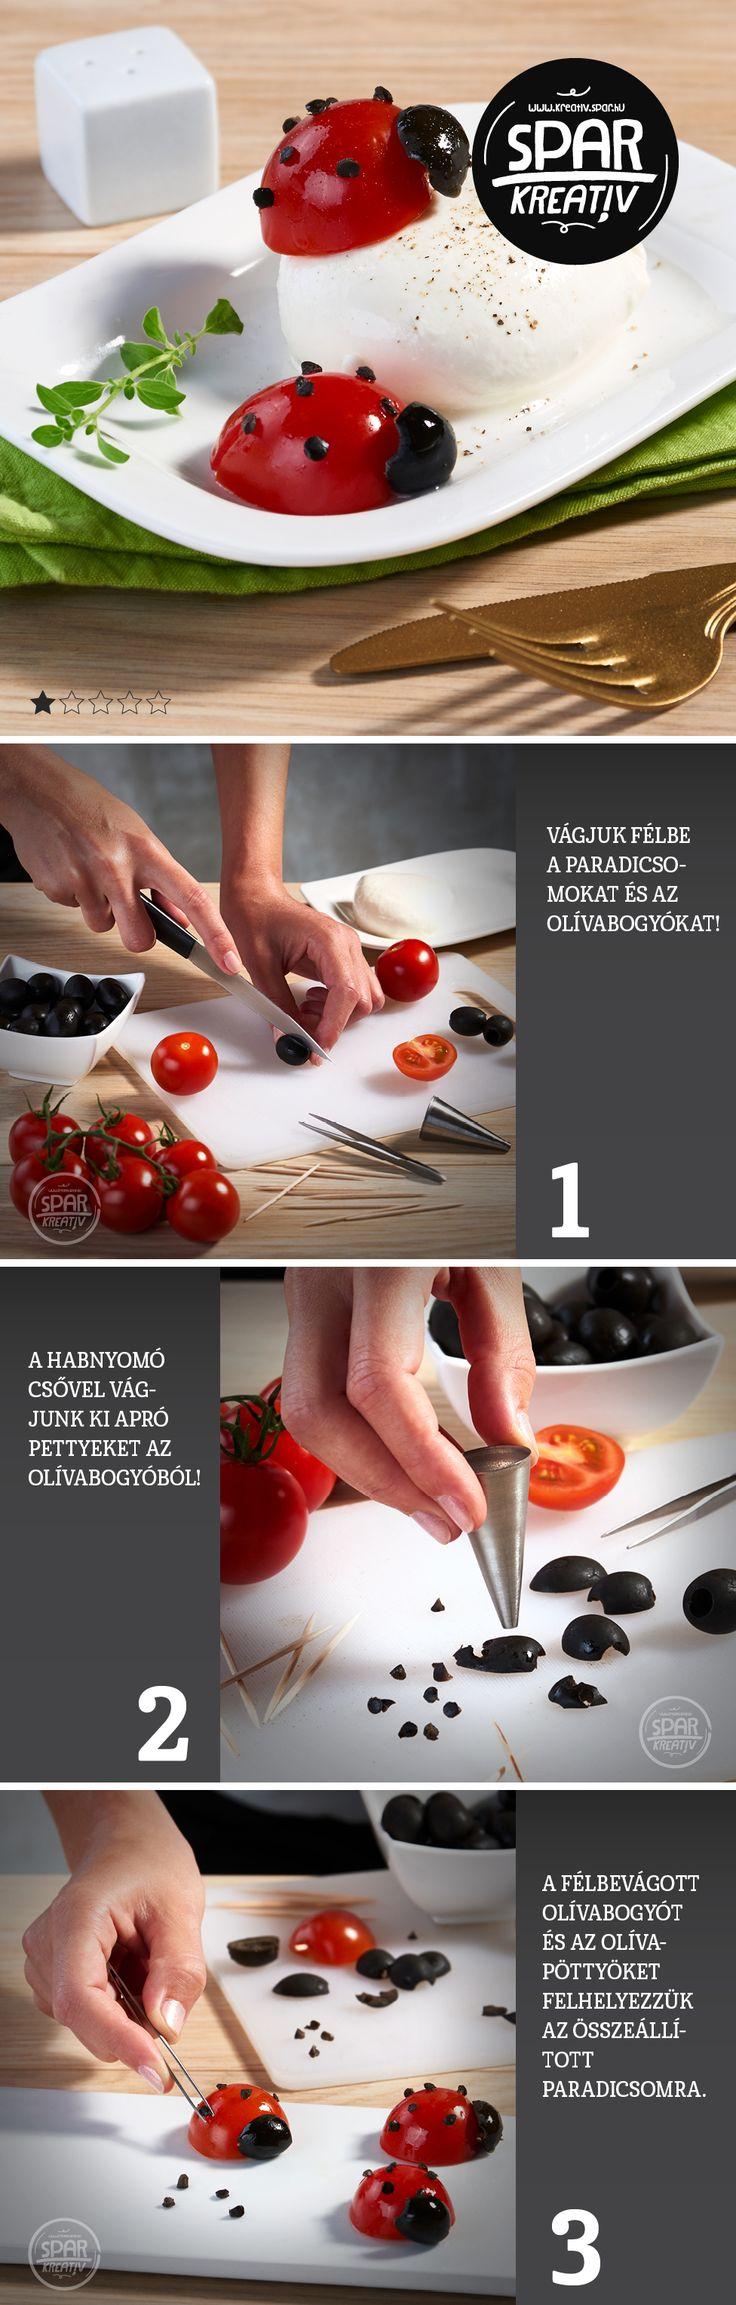 Ennivaló katicák: Mi születik a paradicsom és a fekete olajbogyó keresztezéséből? Ehető katica! Meglepő válasz, pedig csak néhány dologra van szükség, hogy ezt a különlegességet mi is elkészítsük. Hozzá való alapanyagok és eszközök: kisebb méretű fürtös vagy koktélparadicsom, magozott fekete olívabogyó, fém habnyomó cső, csipesz, szervírozótál. Az eredmény kétségtelenül megéri a munkát, és talán még a paradicsomtól és az olajbogyótól idegenkedőket is rá tudjuk venni egy kóstolóra!